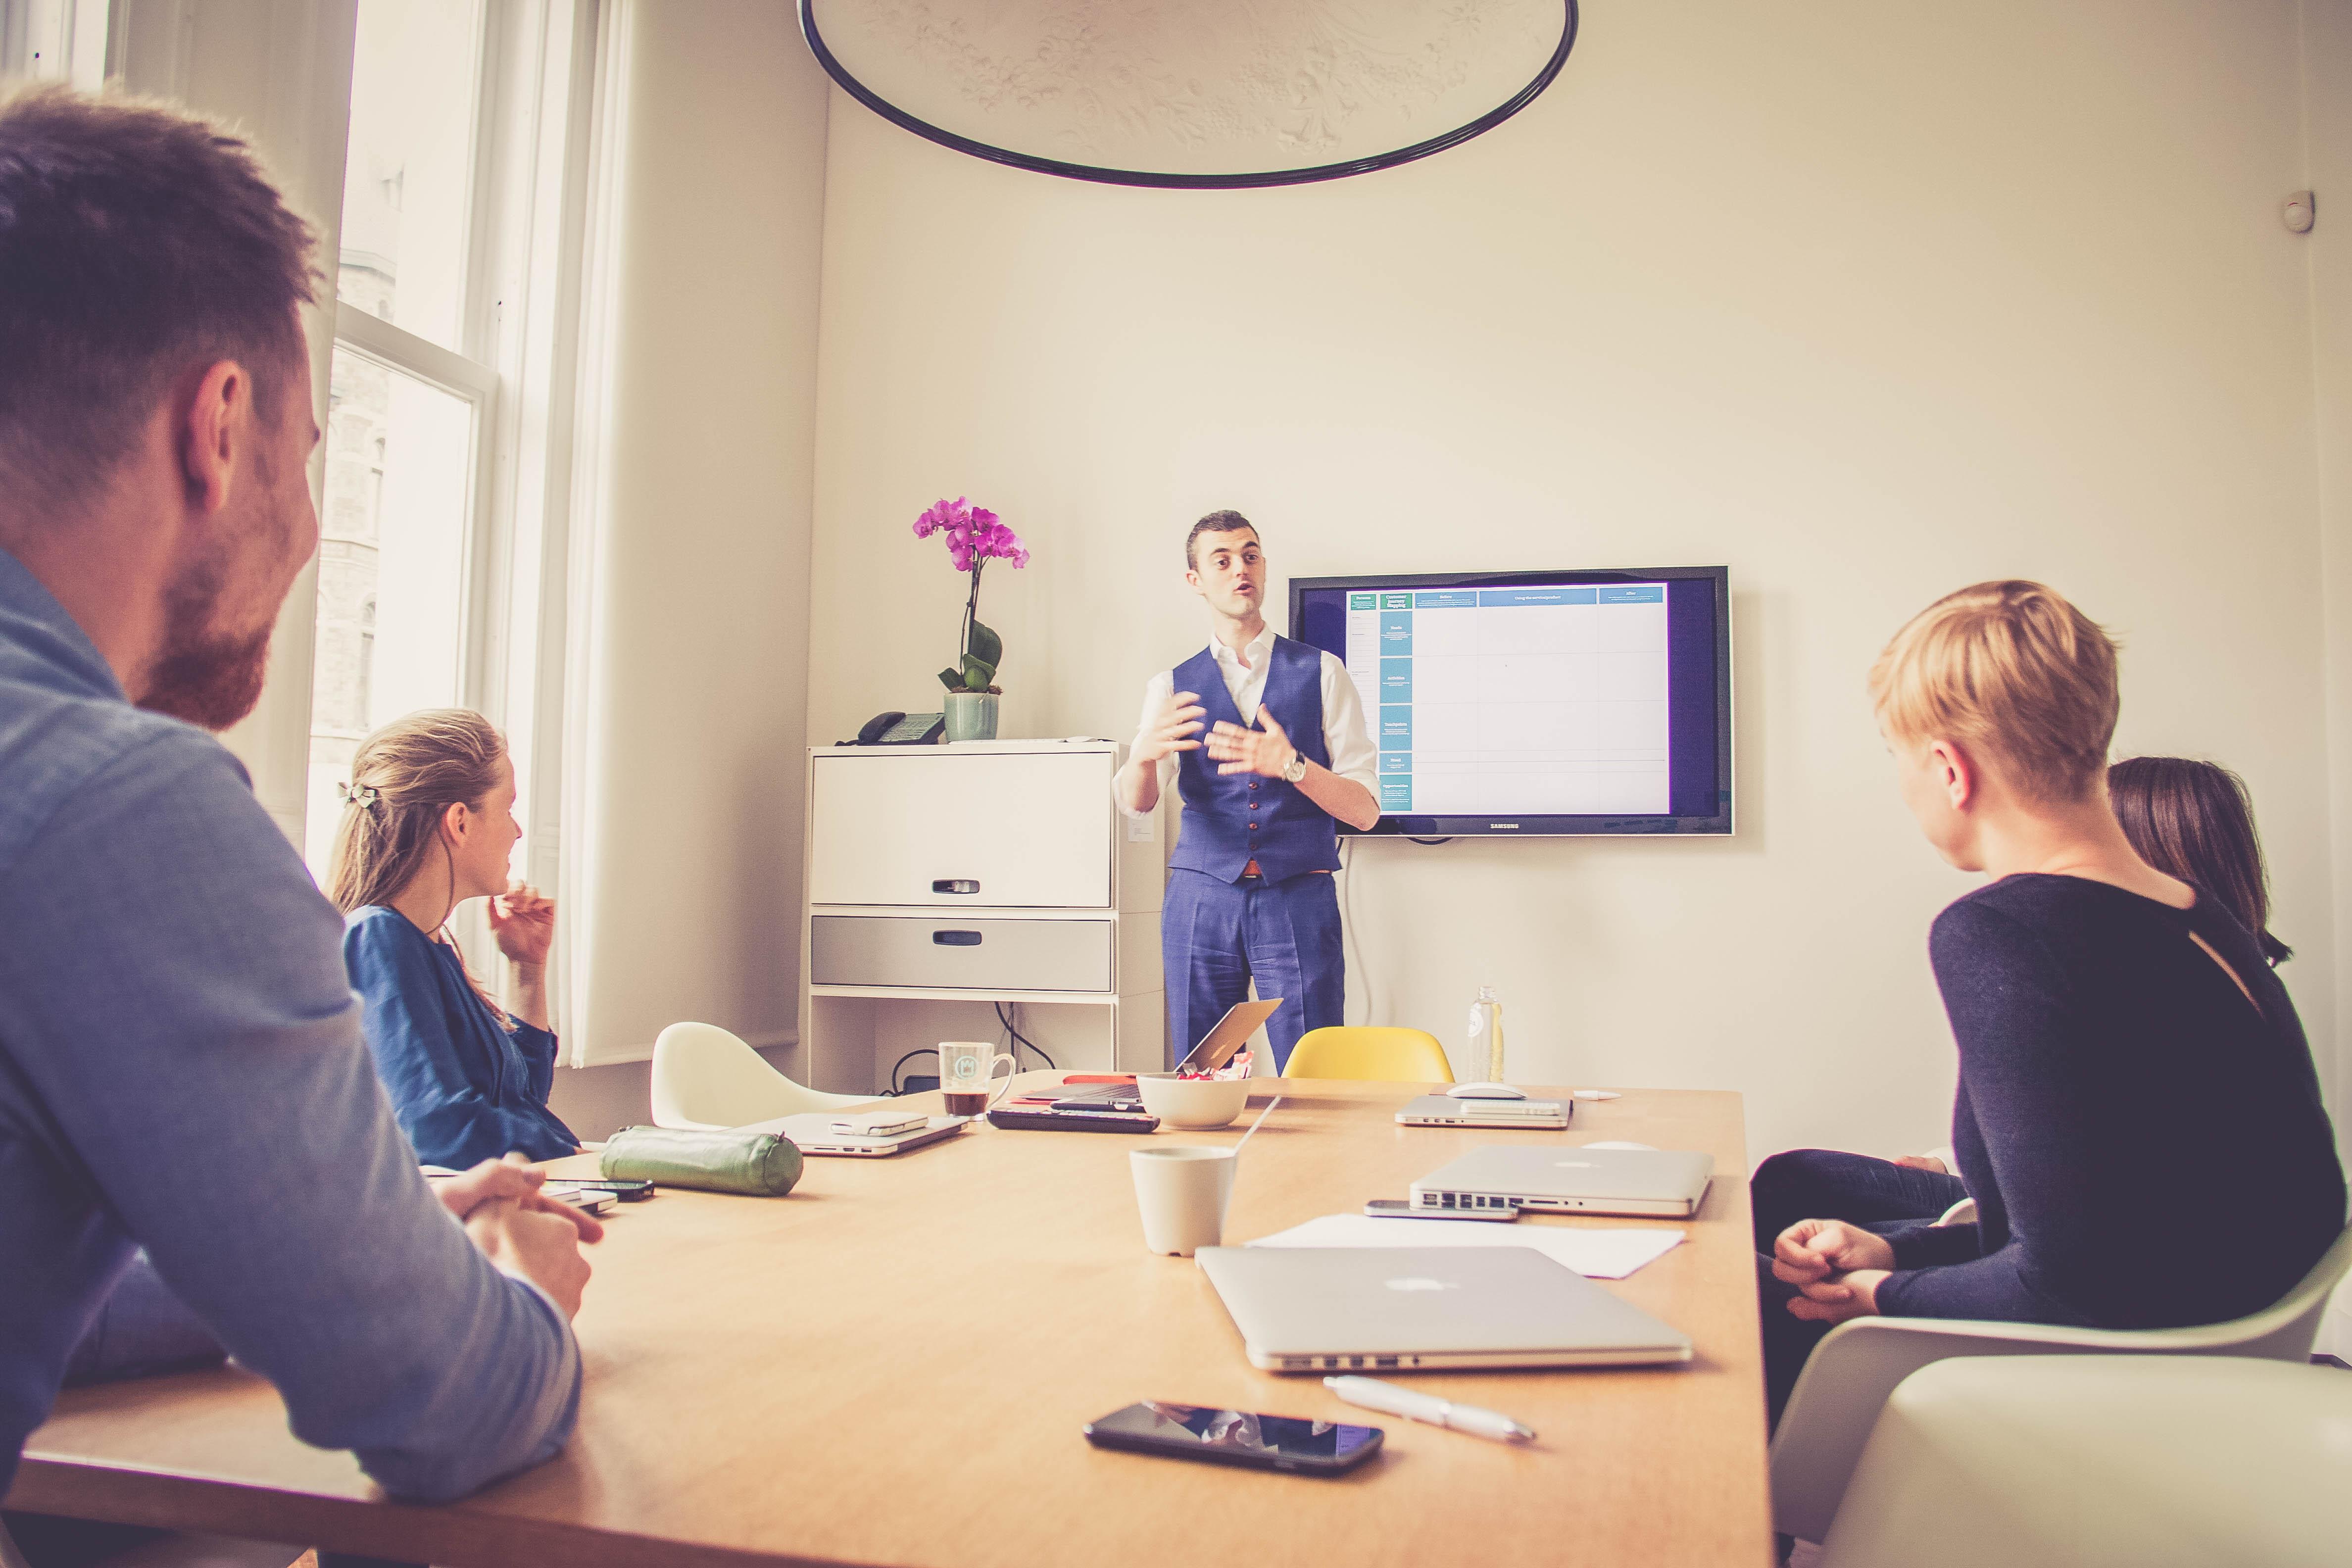 Experience design gebruiken om jouw rekruteringsbeleid te dynamiseren: hoe begin je daar aan?